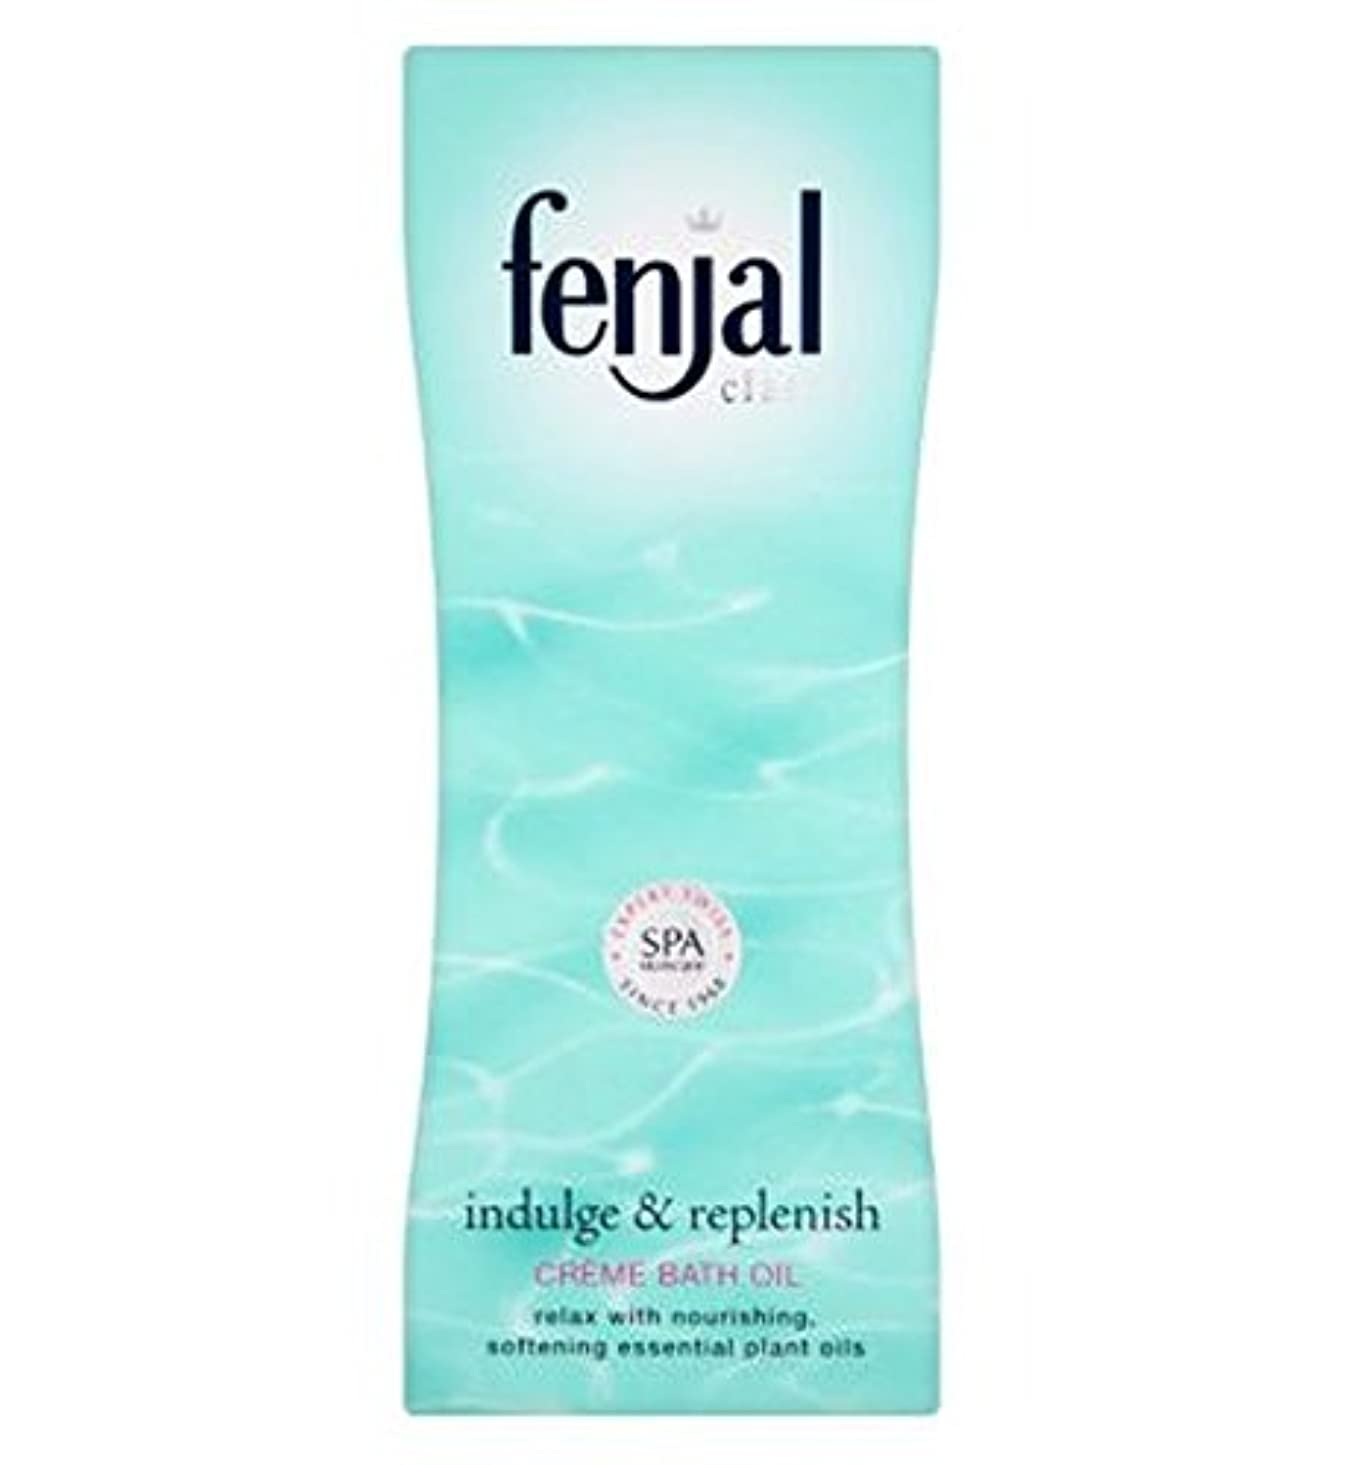 ドレスやさしいタフFenjal古典的な高級クリームバスオイル (Fenjal) (x2) - Fenjal Classic Luxury Creme Bath Oil (Pack of 2) [並行輸入品]